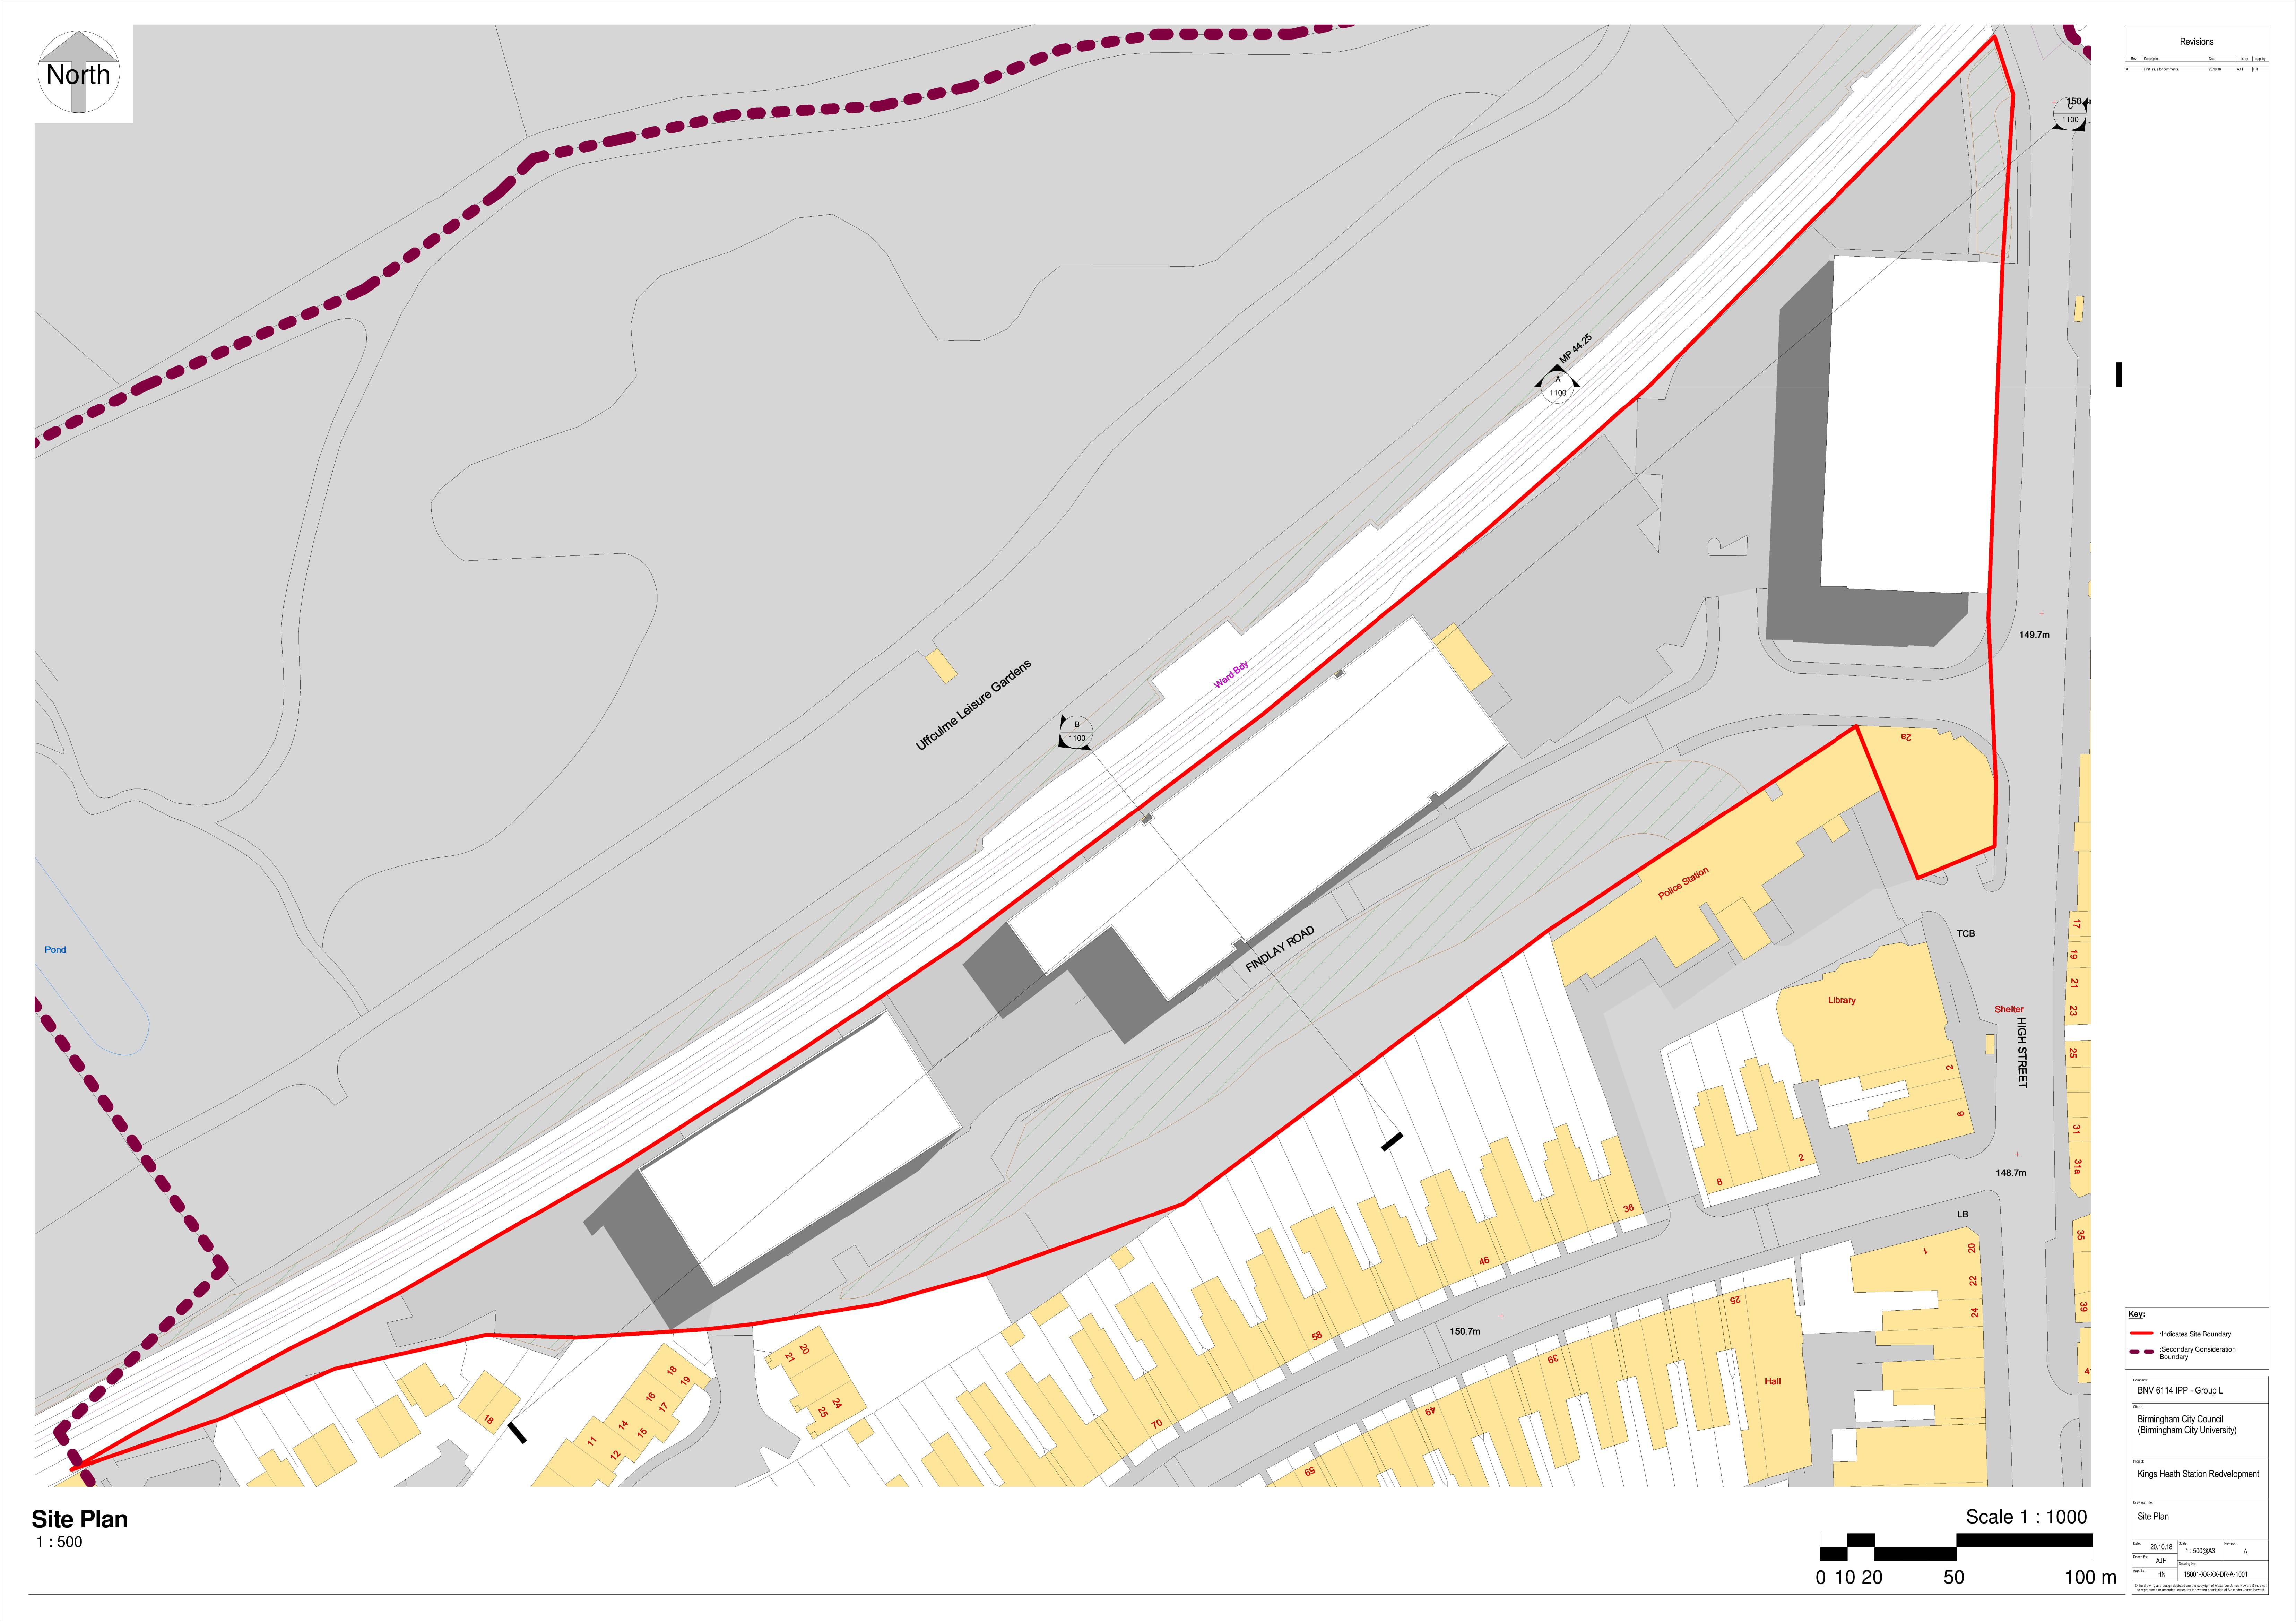 18001-GL-XX-DR-A-1001-A_-_Site_Plan-1.jp